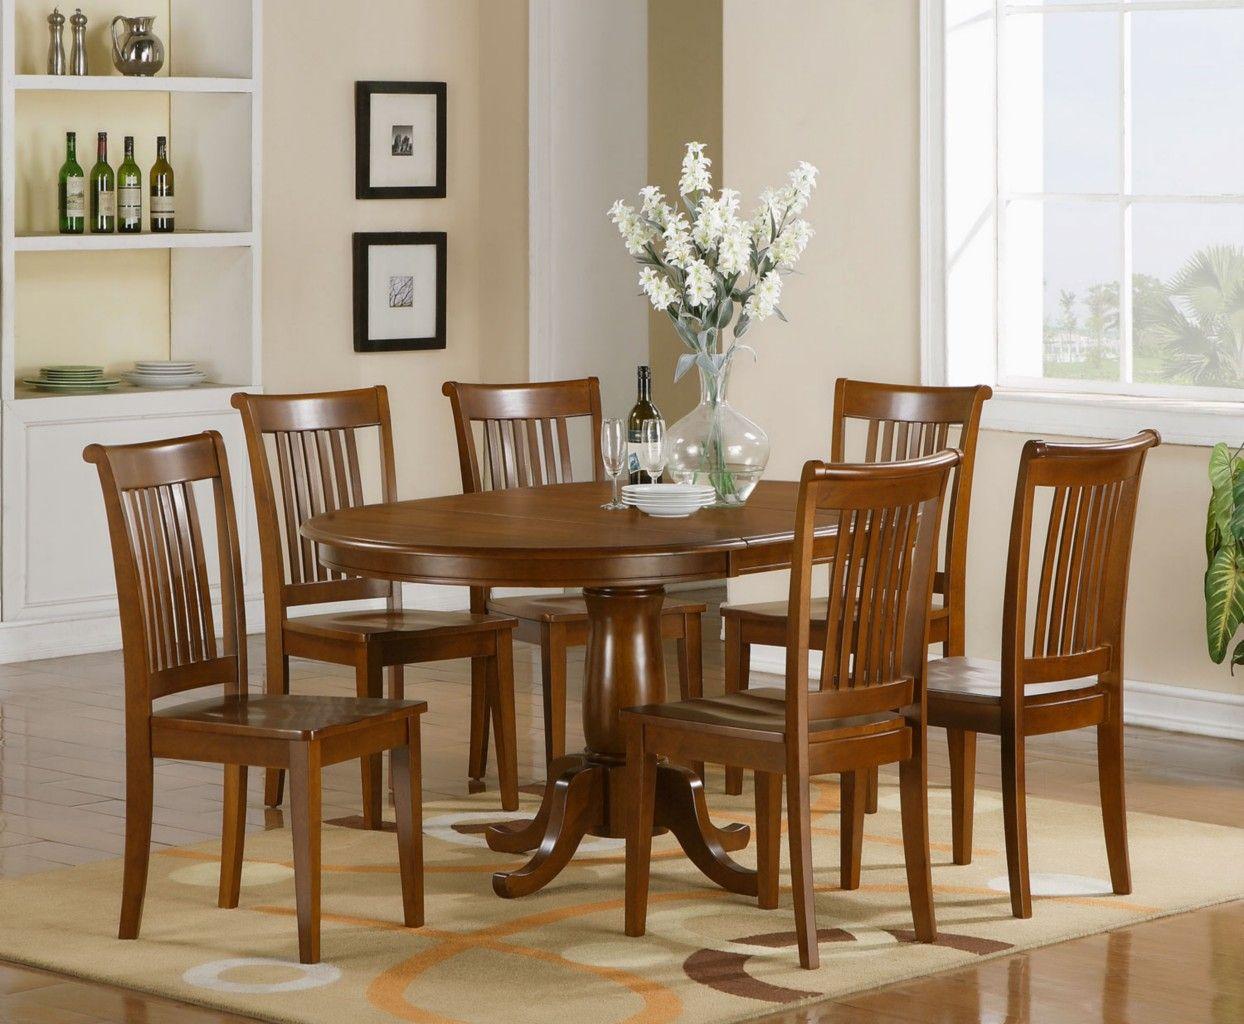 Esstisch Und Stuhl Sets | Stühle | Pinterest | Stuhl, Küche tisch ...